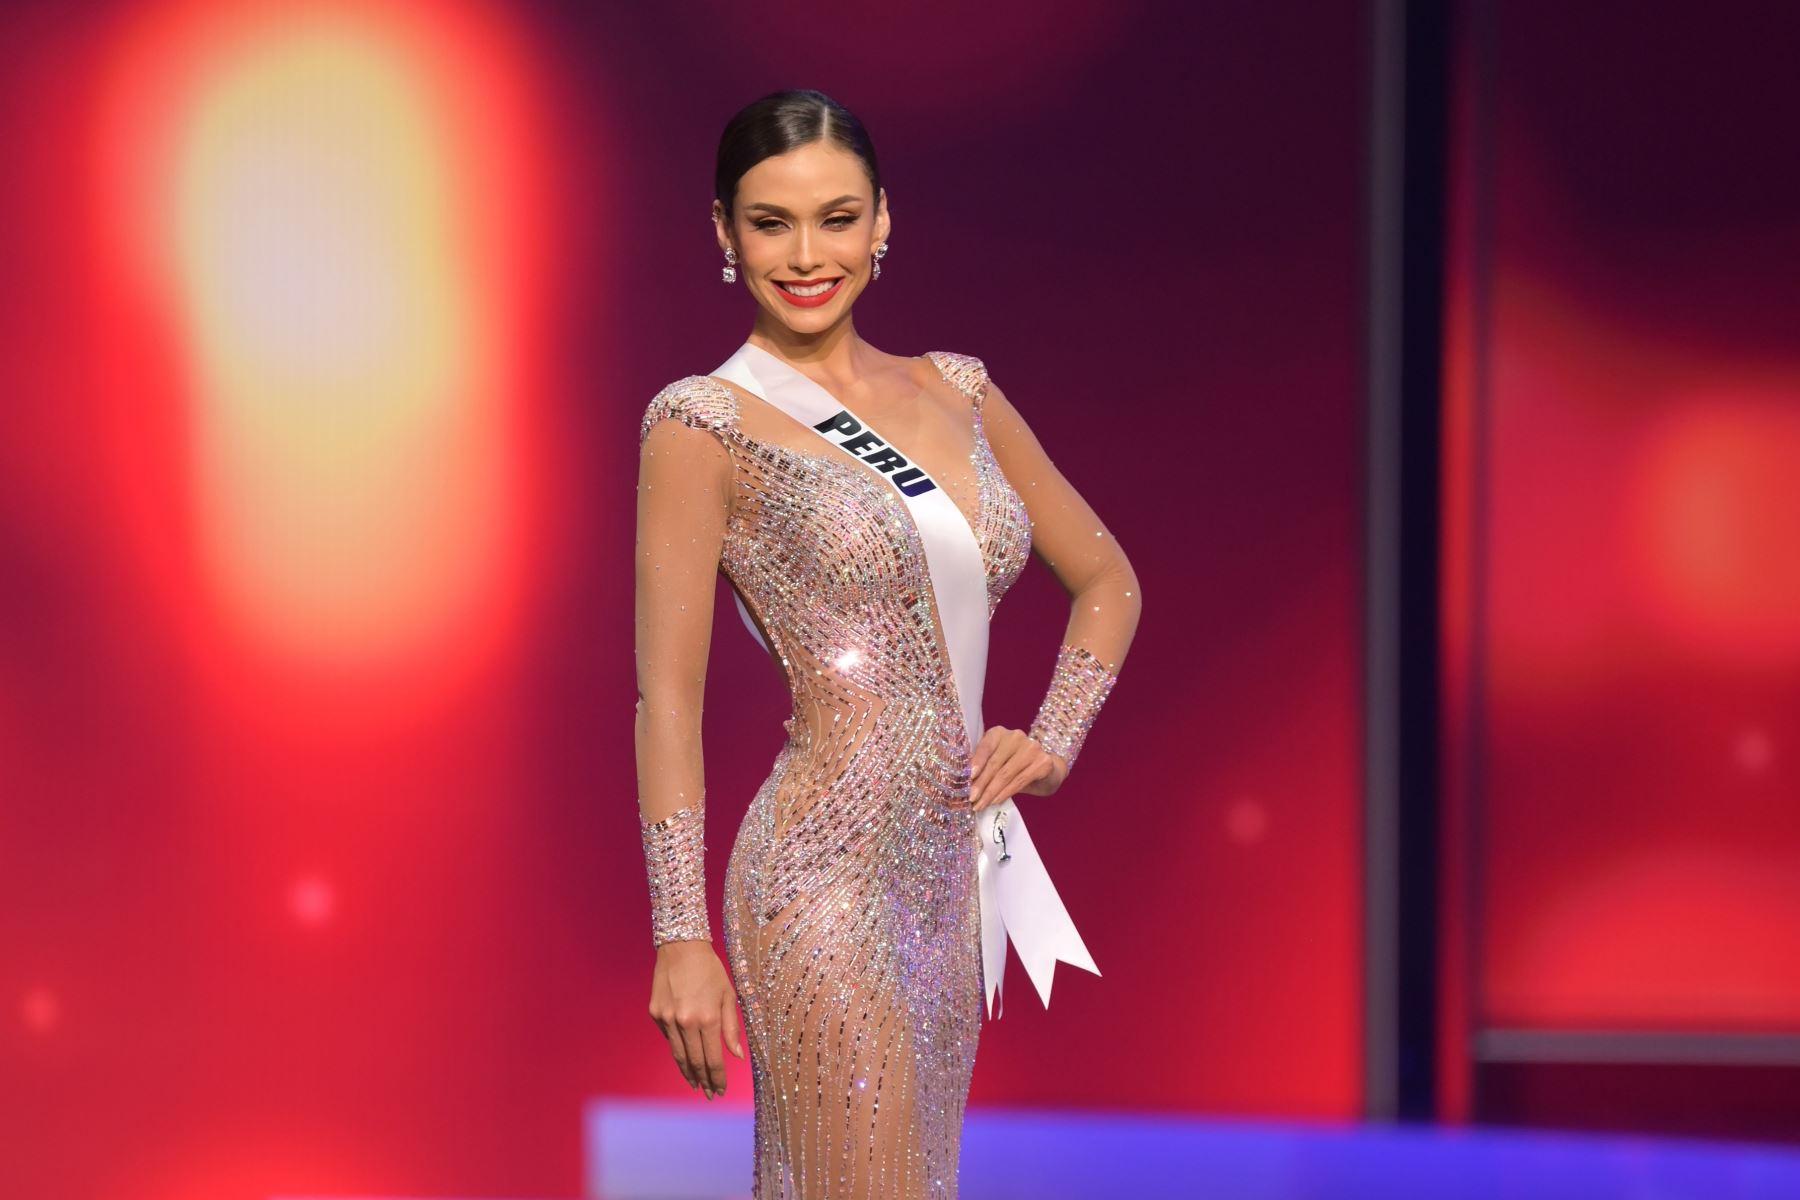 Miss Universo Perú Janick Maceta Del Castillo aparece en el escenario de Miss Universe 2021 - National Costume Show en Seminole Hard Rock Hotel & Casino en Hollywood, Florida. Foto: AFP